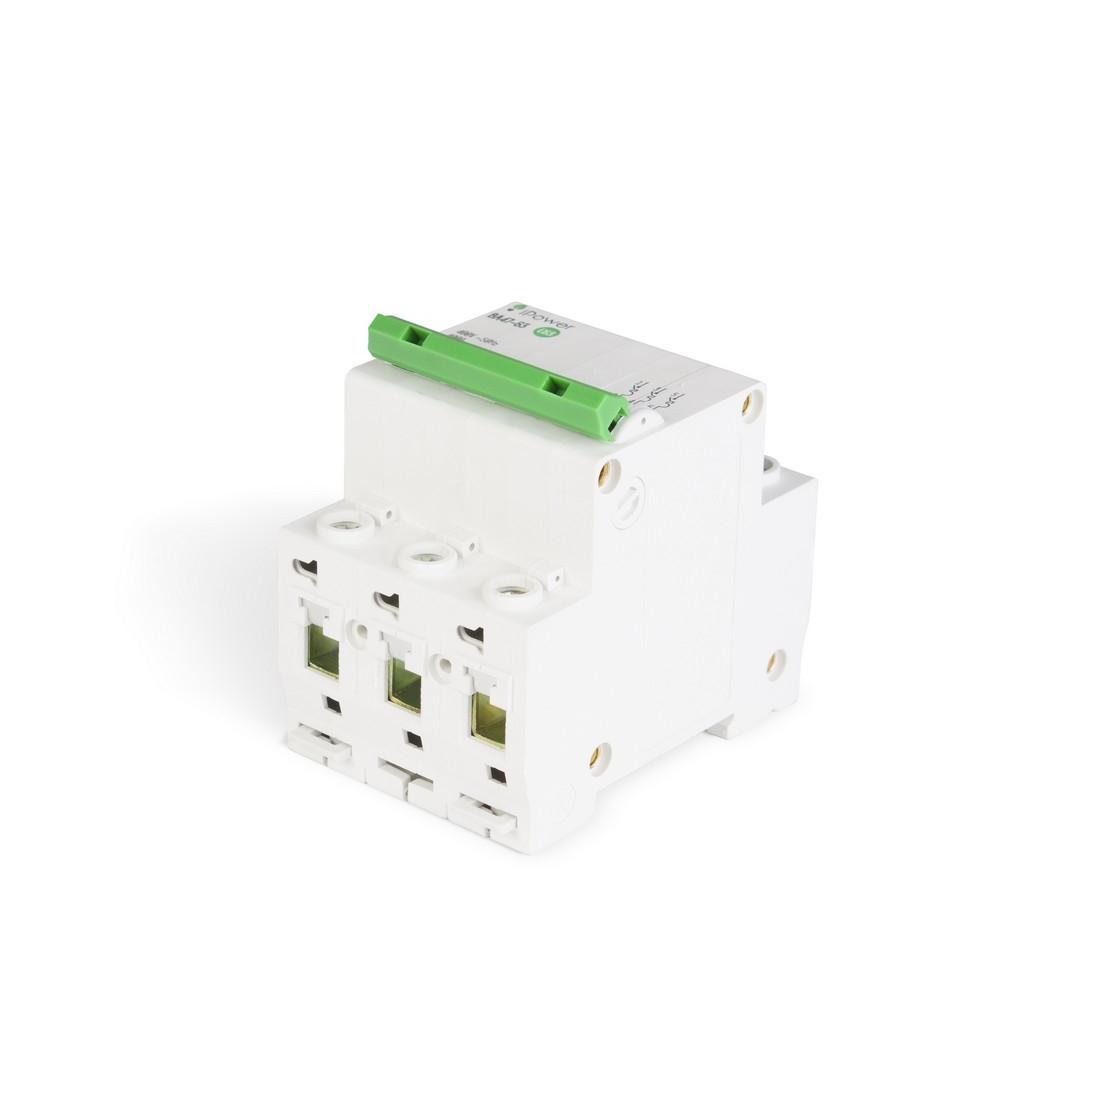 Автоматический выключатель реечный iPower ВА47-63 3P 20А, 230/400 В, Кол-во полюсов: 3, Предел отключения: 4,5